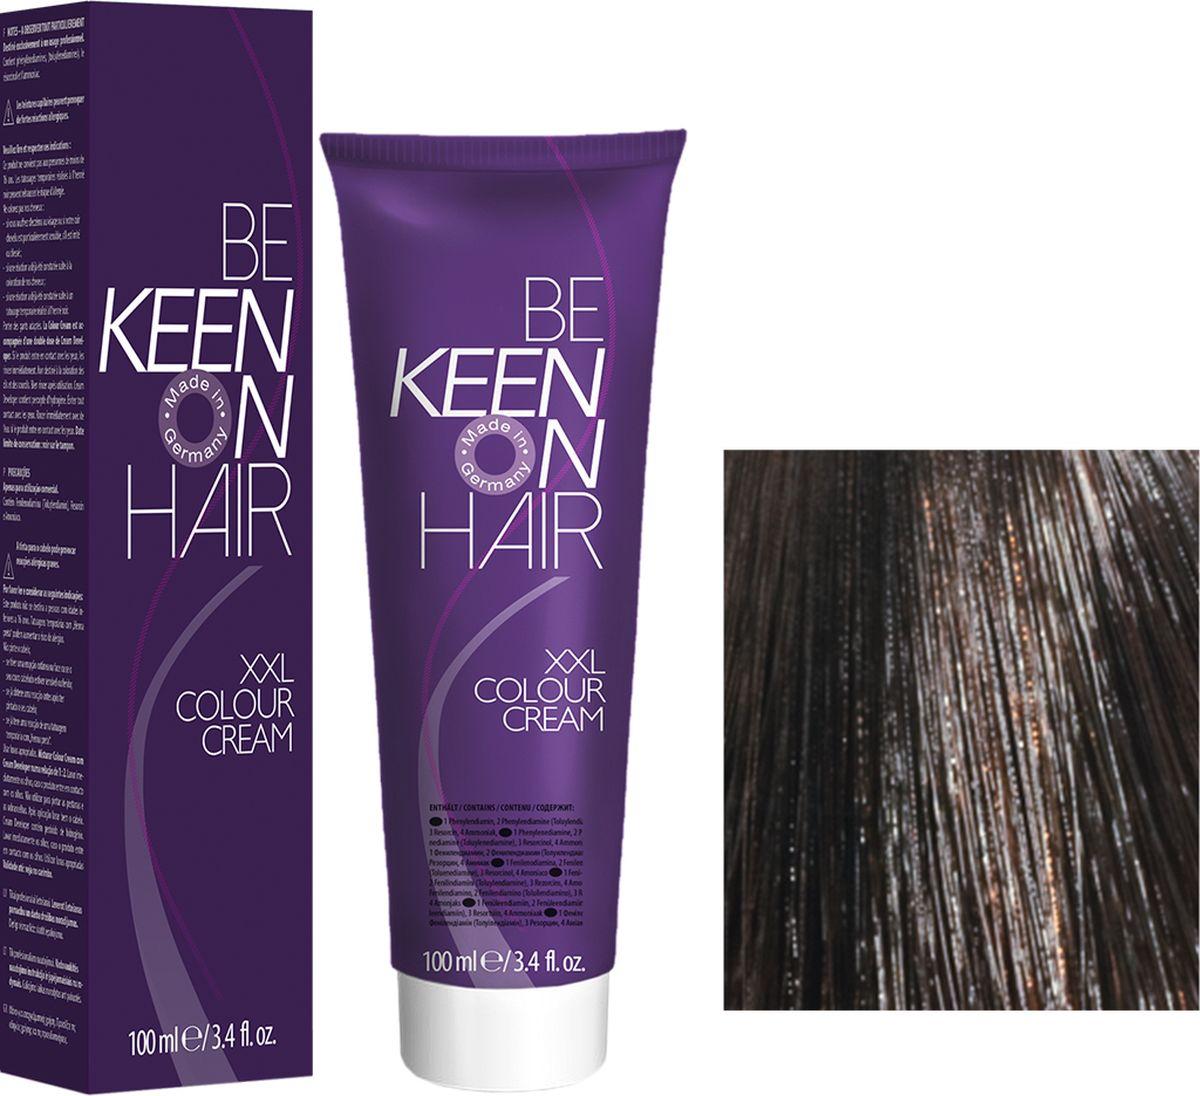 Keen Краска для волос 7.71 Кораллово-коричневый Koralle Braun, 100 мл